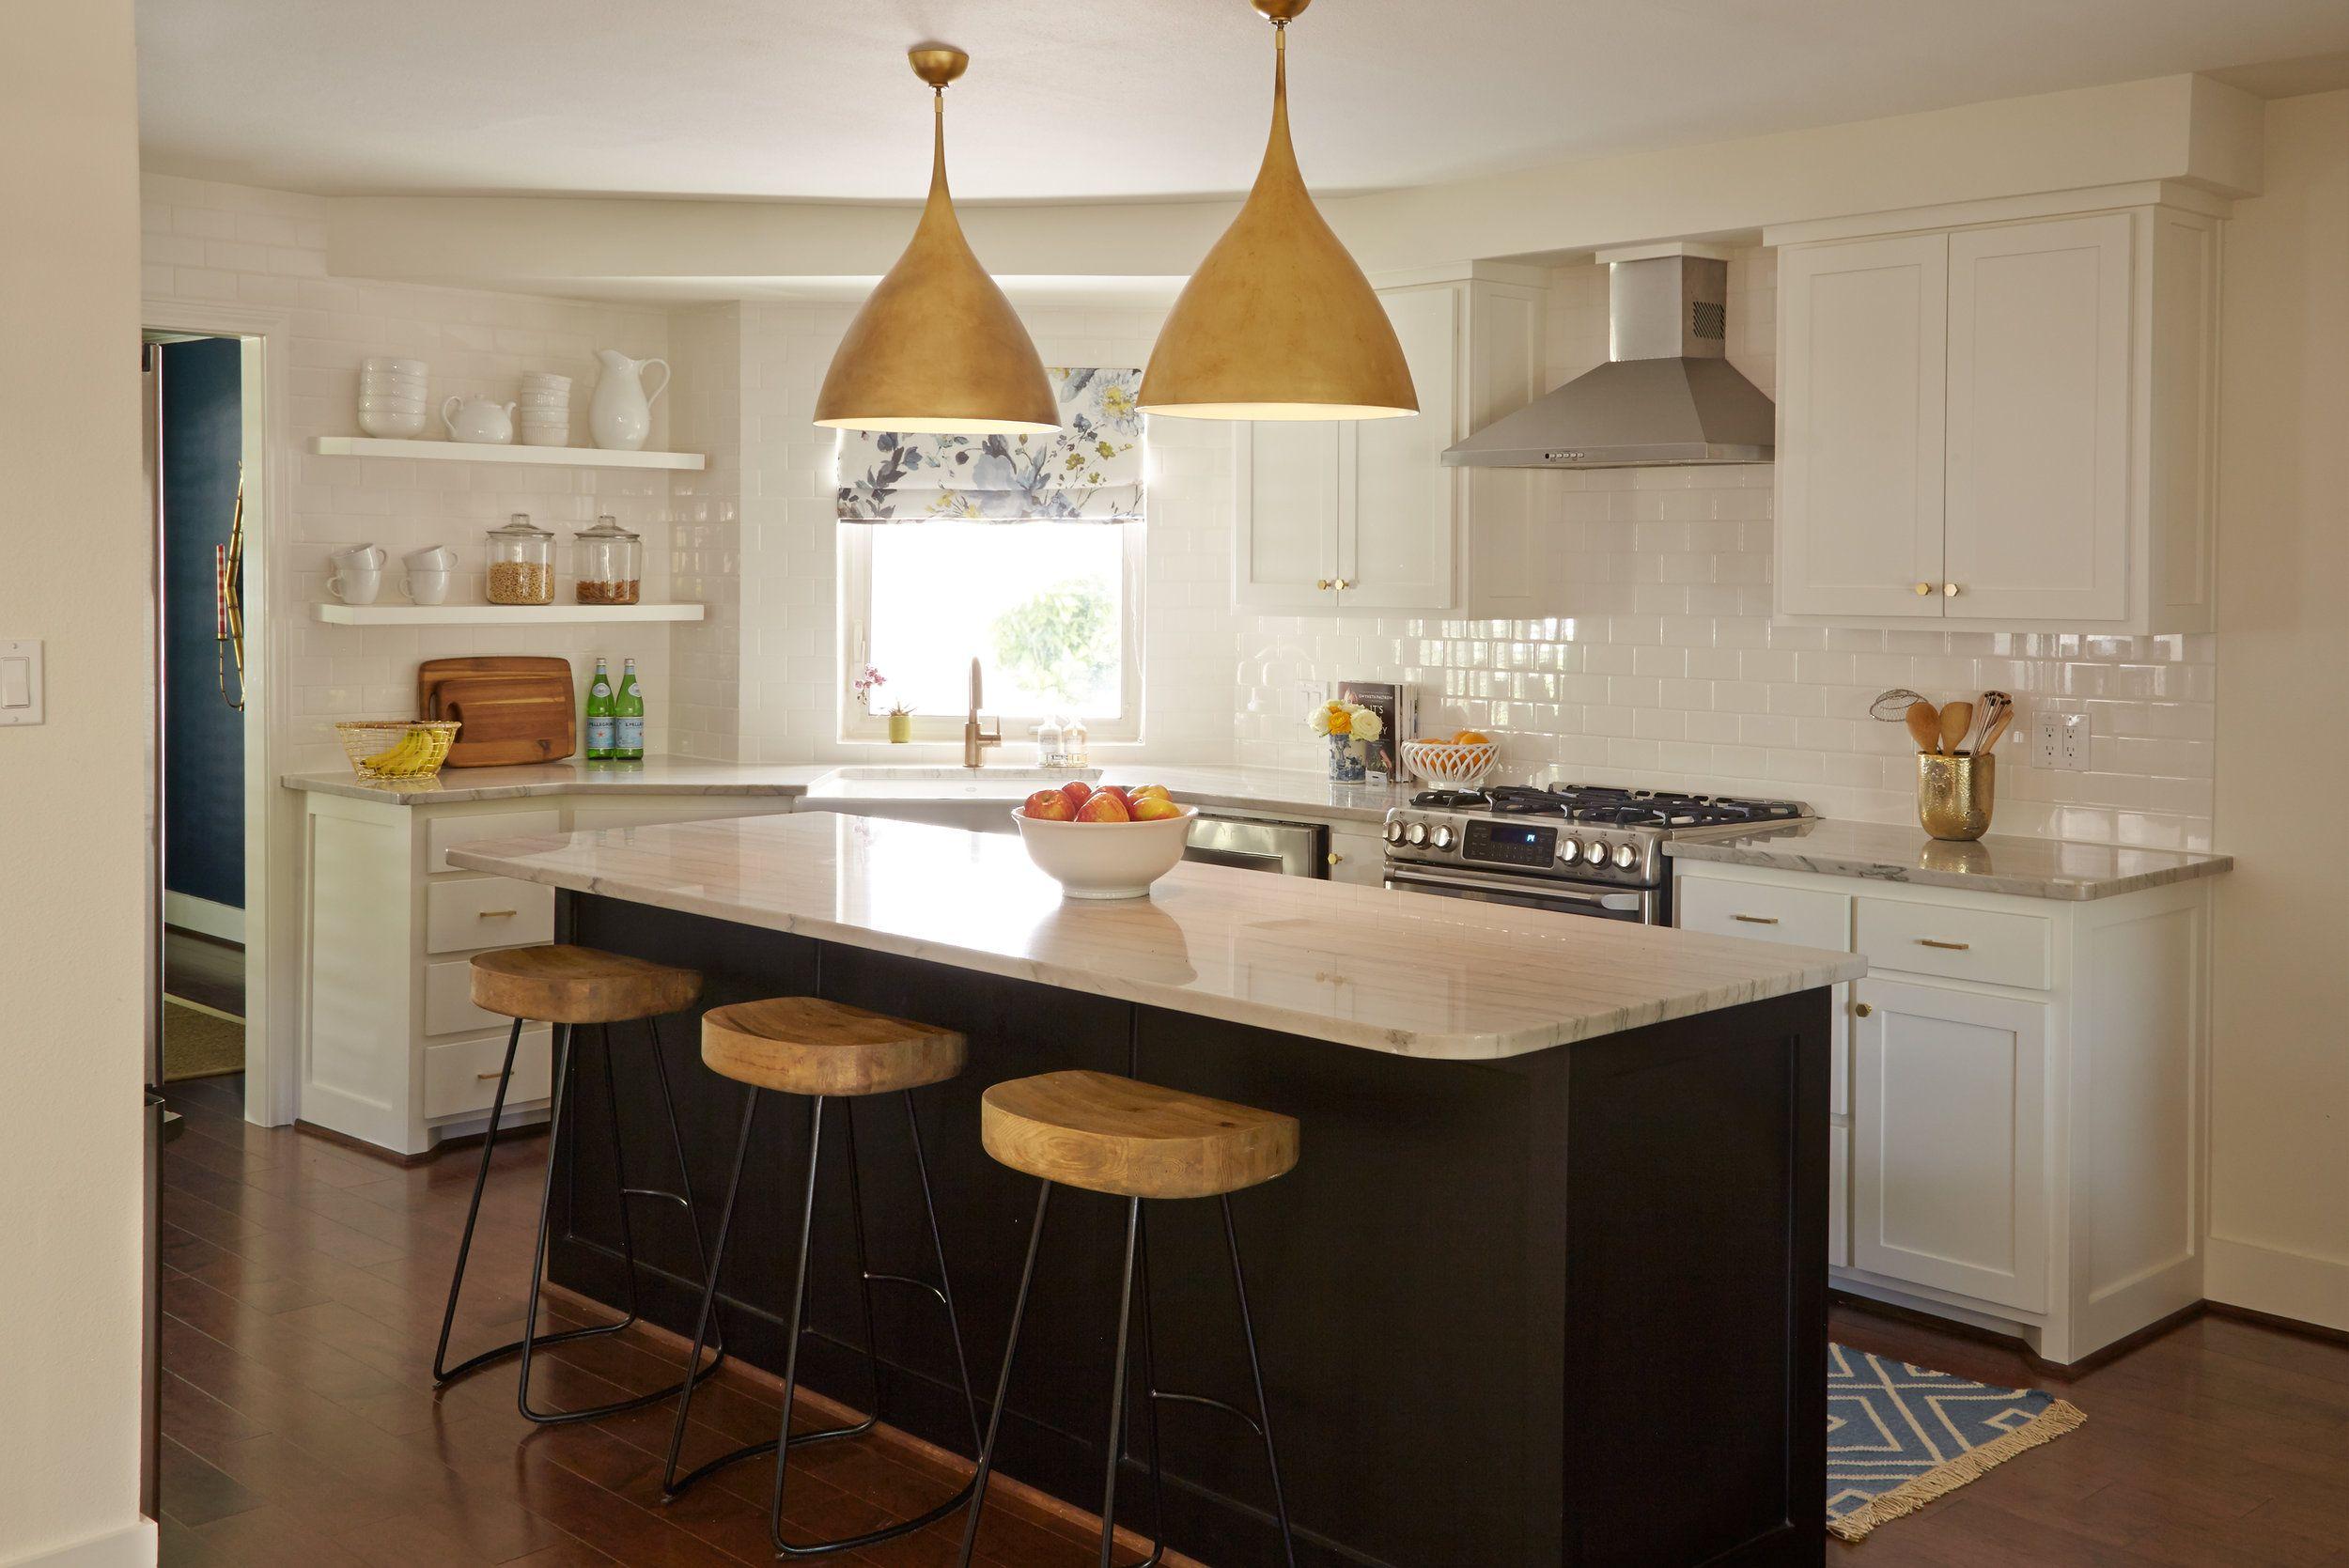 kitchen.jpg Kitchen inspirations, Home kitchens, Kitchen